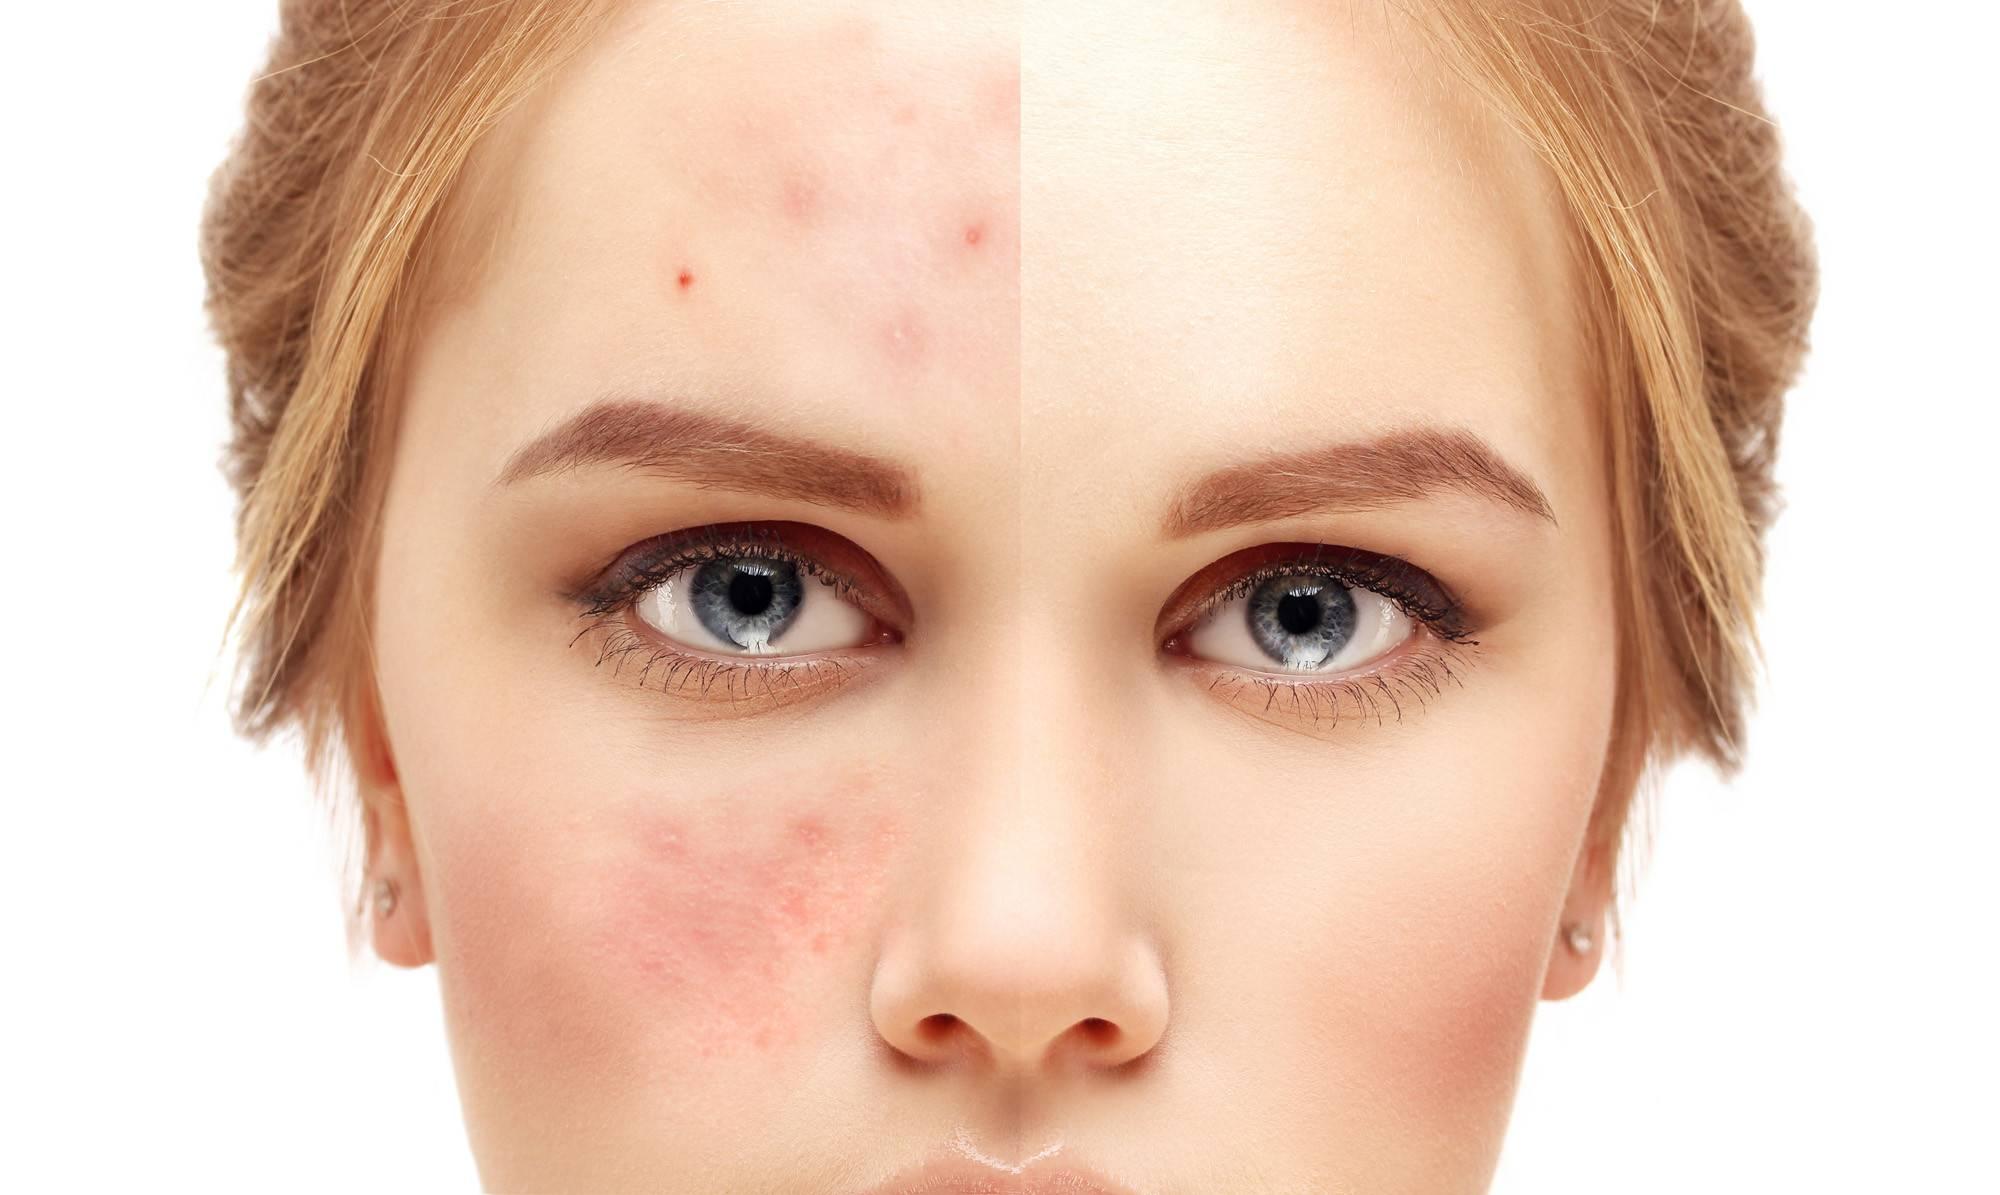 Причины появления болючих прыщей на лице и методы избавления от них